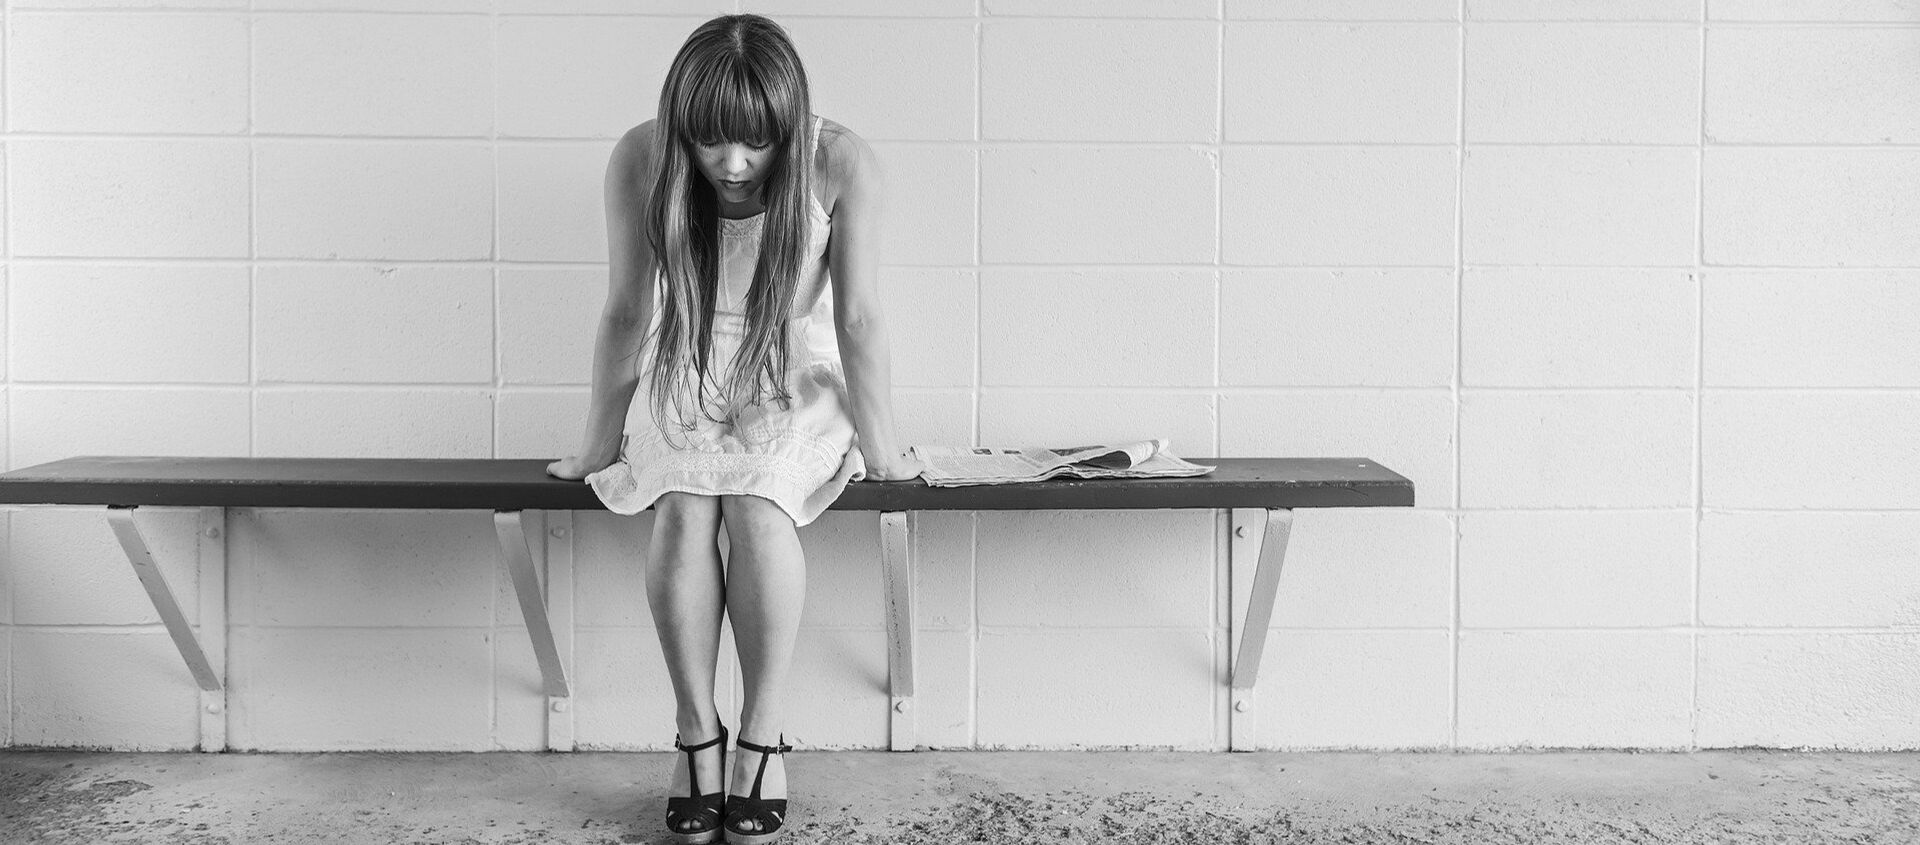 La depresión afecta a más de 300 millones de personas en el mundo, según la OMS - Sputnik Mundo, 1920, 10.09.2020